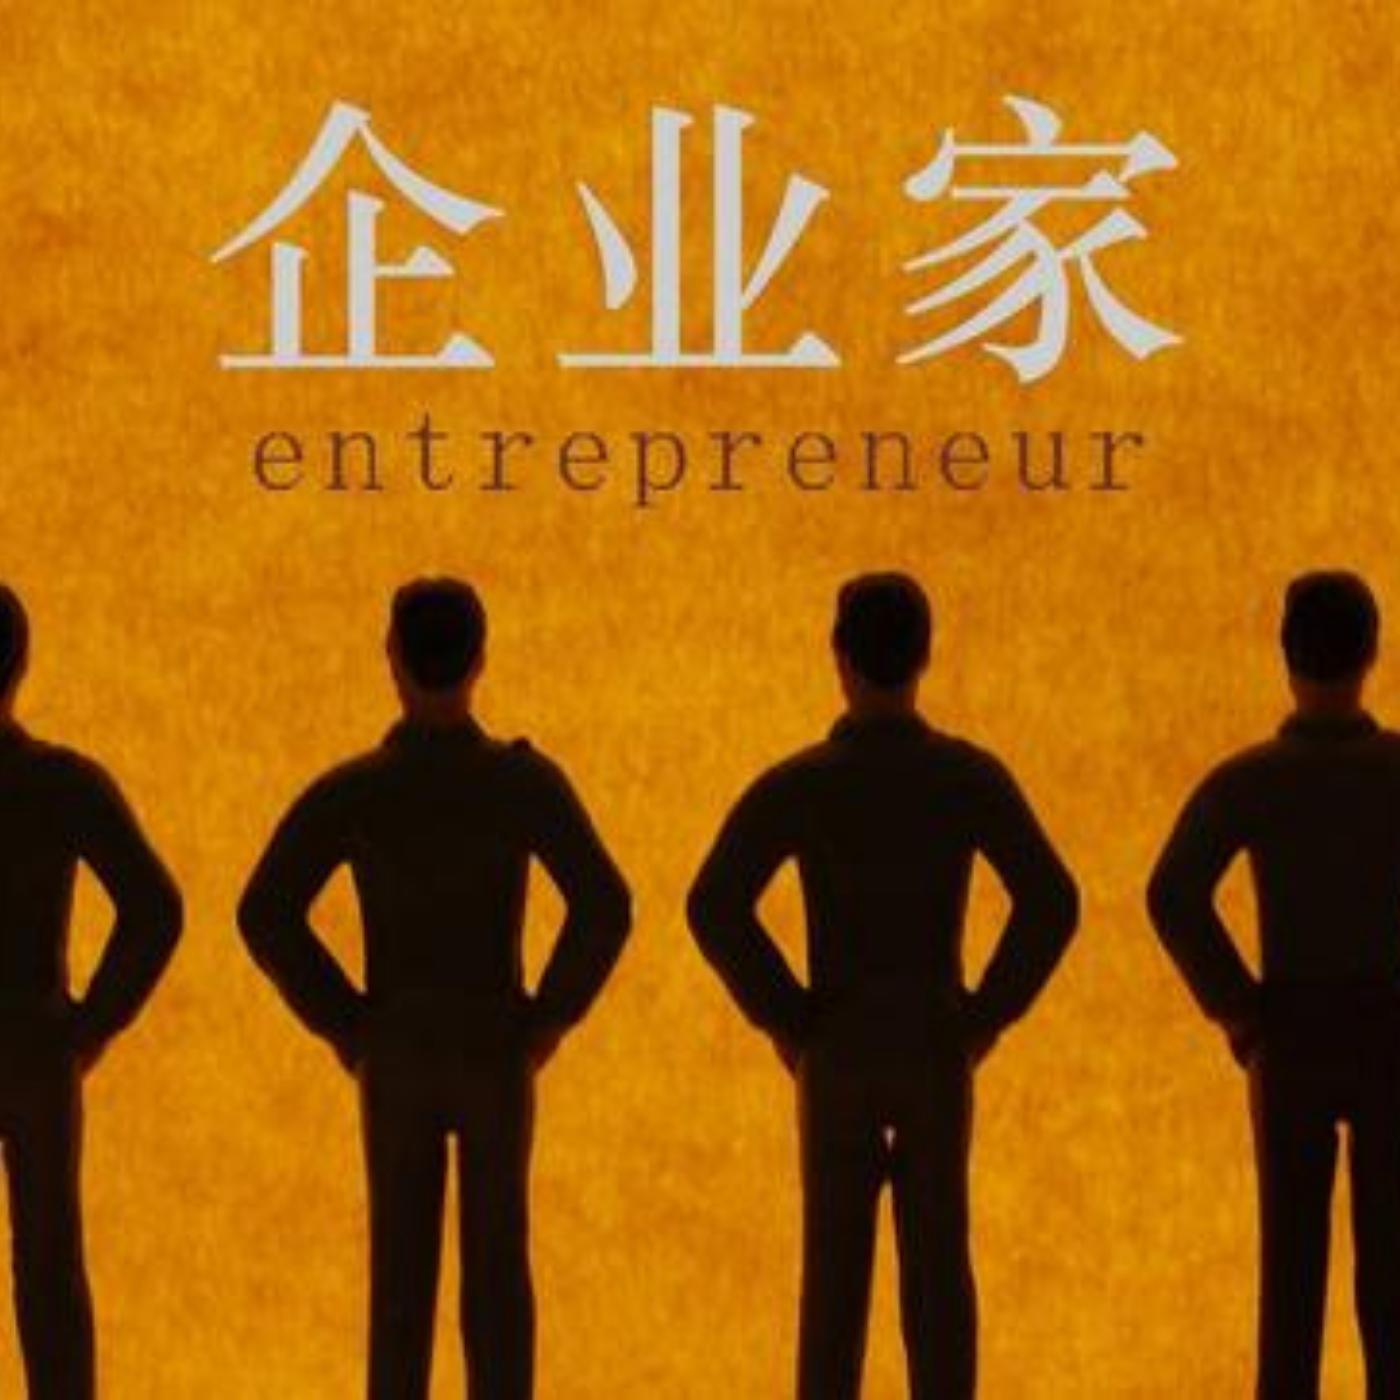 《影响力人物》——企业家专栏